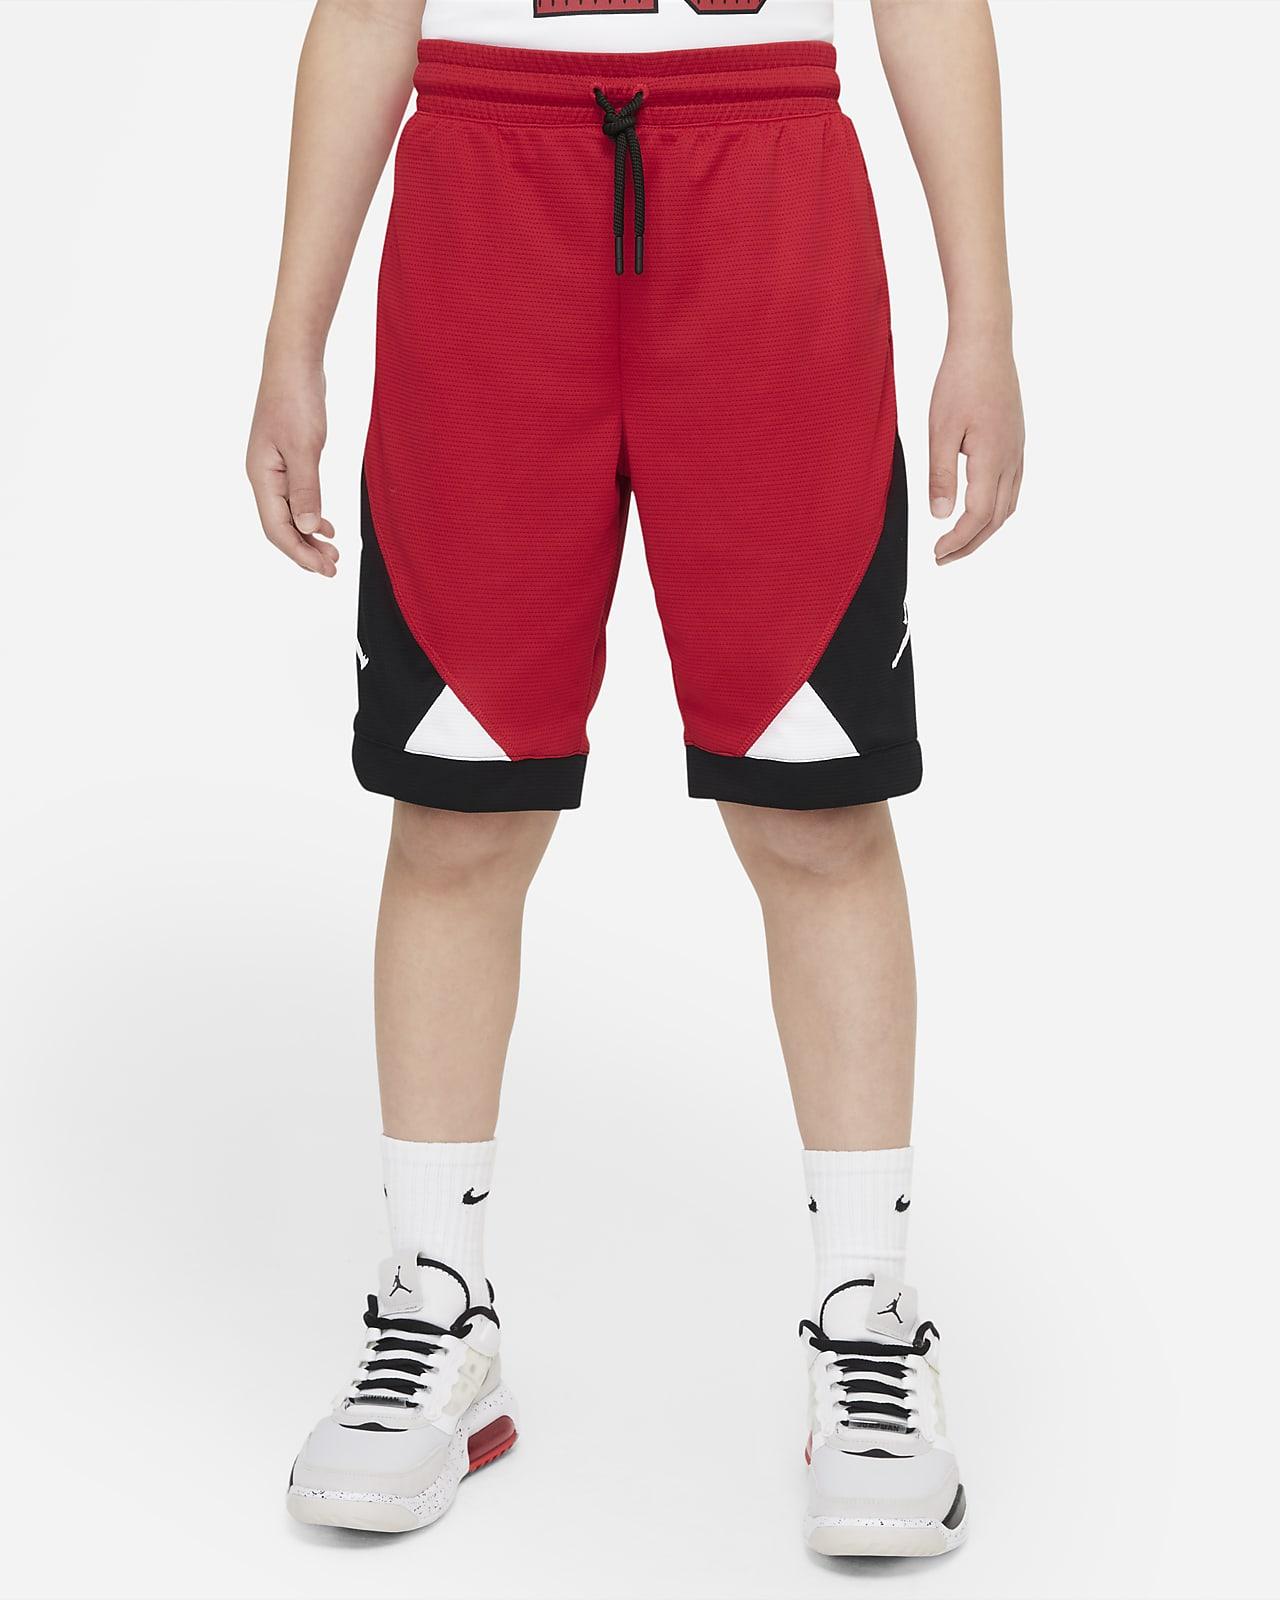 Jordan Dri-FIT 大童(男孩)短裤